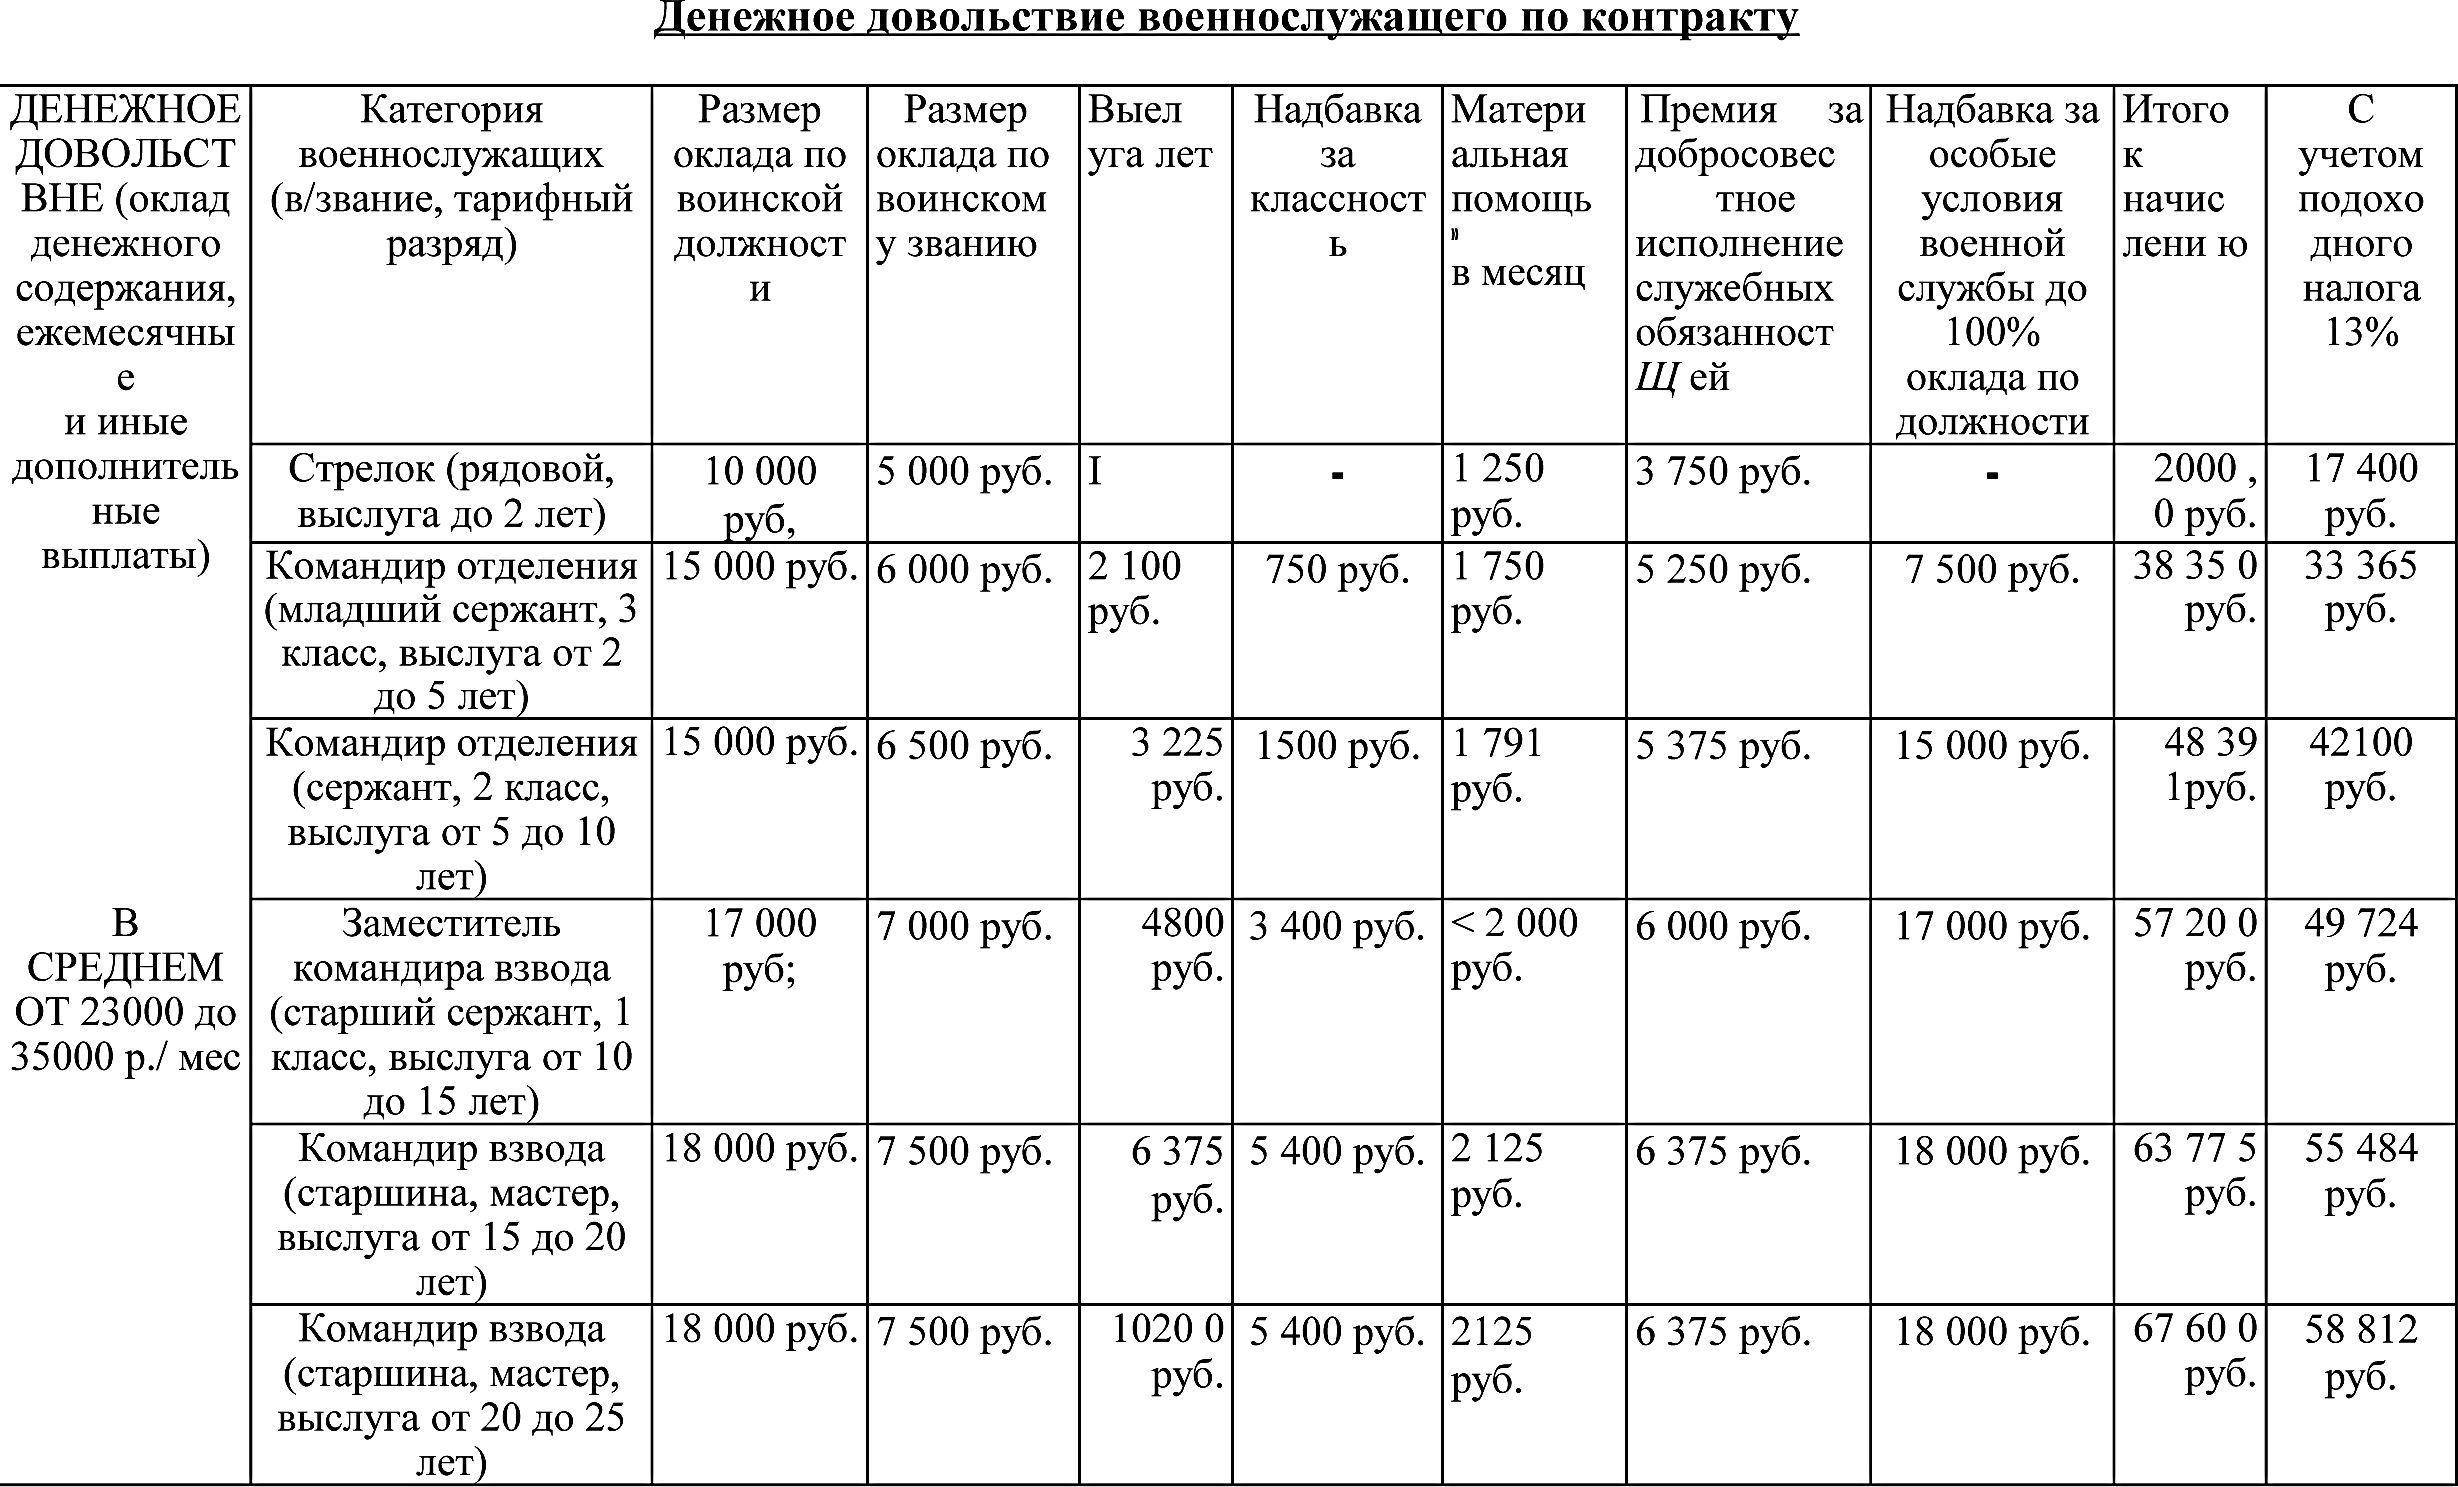 Сколько зарабатывают военные в украине и в россии